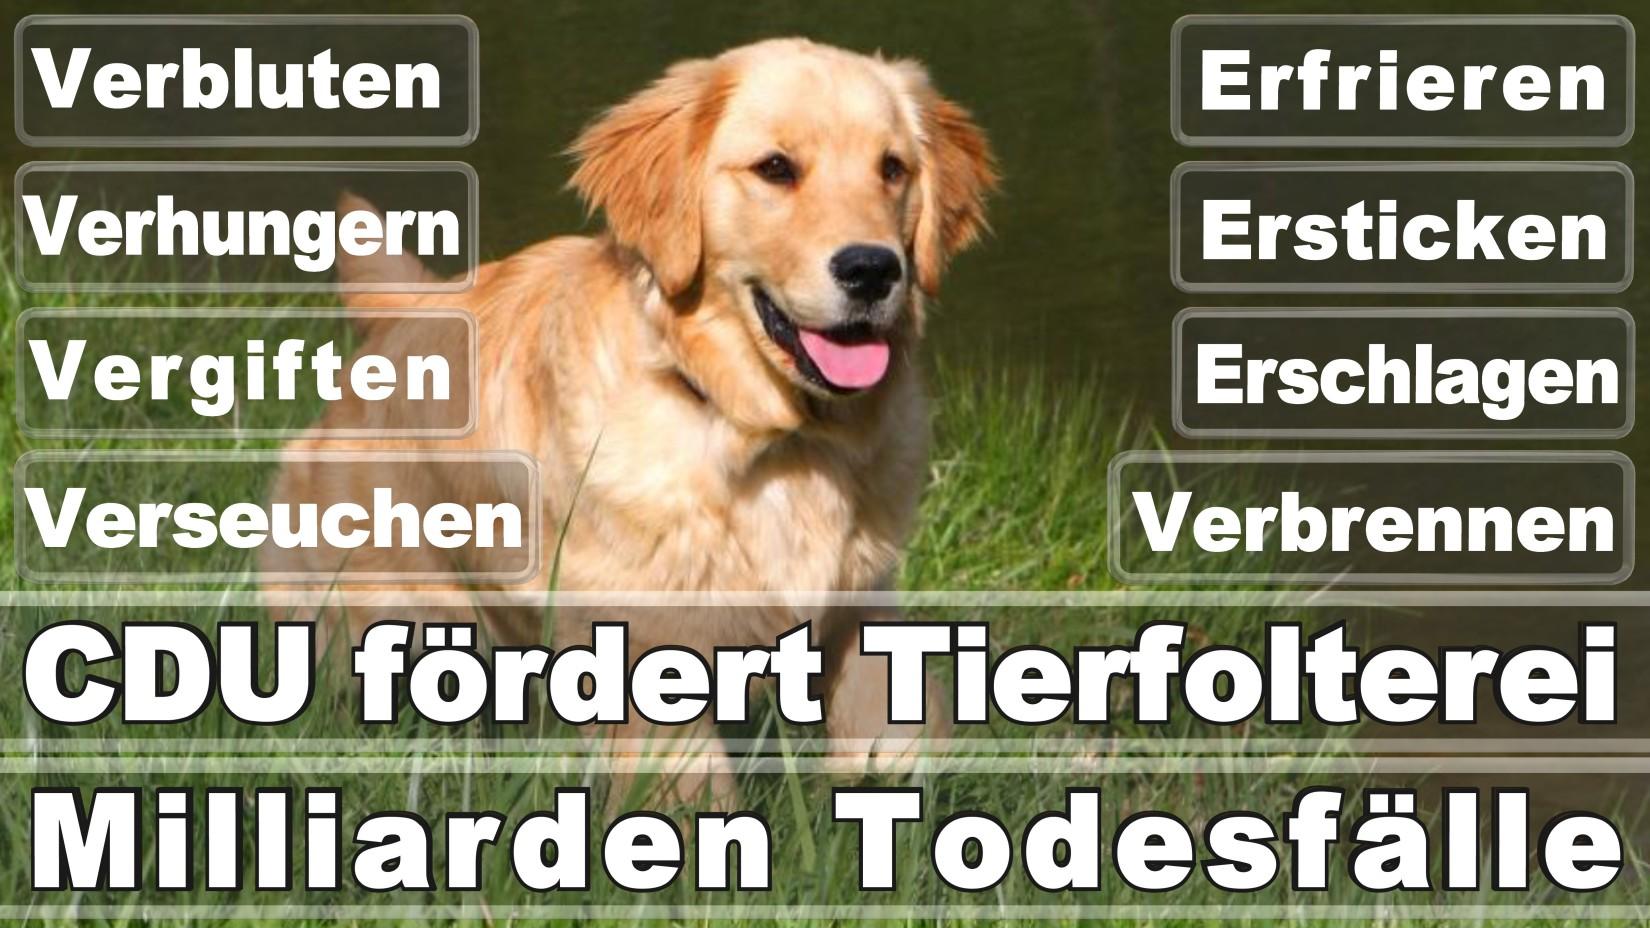 Gardenier, Eckhard Volker Düsseldorf Am Kapeller Feld Christlich Demokratische Union Architekt Düsseldorf Deutschlands (CDU)